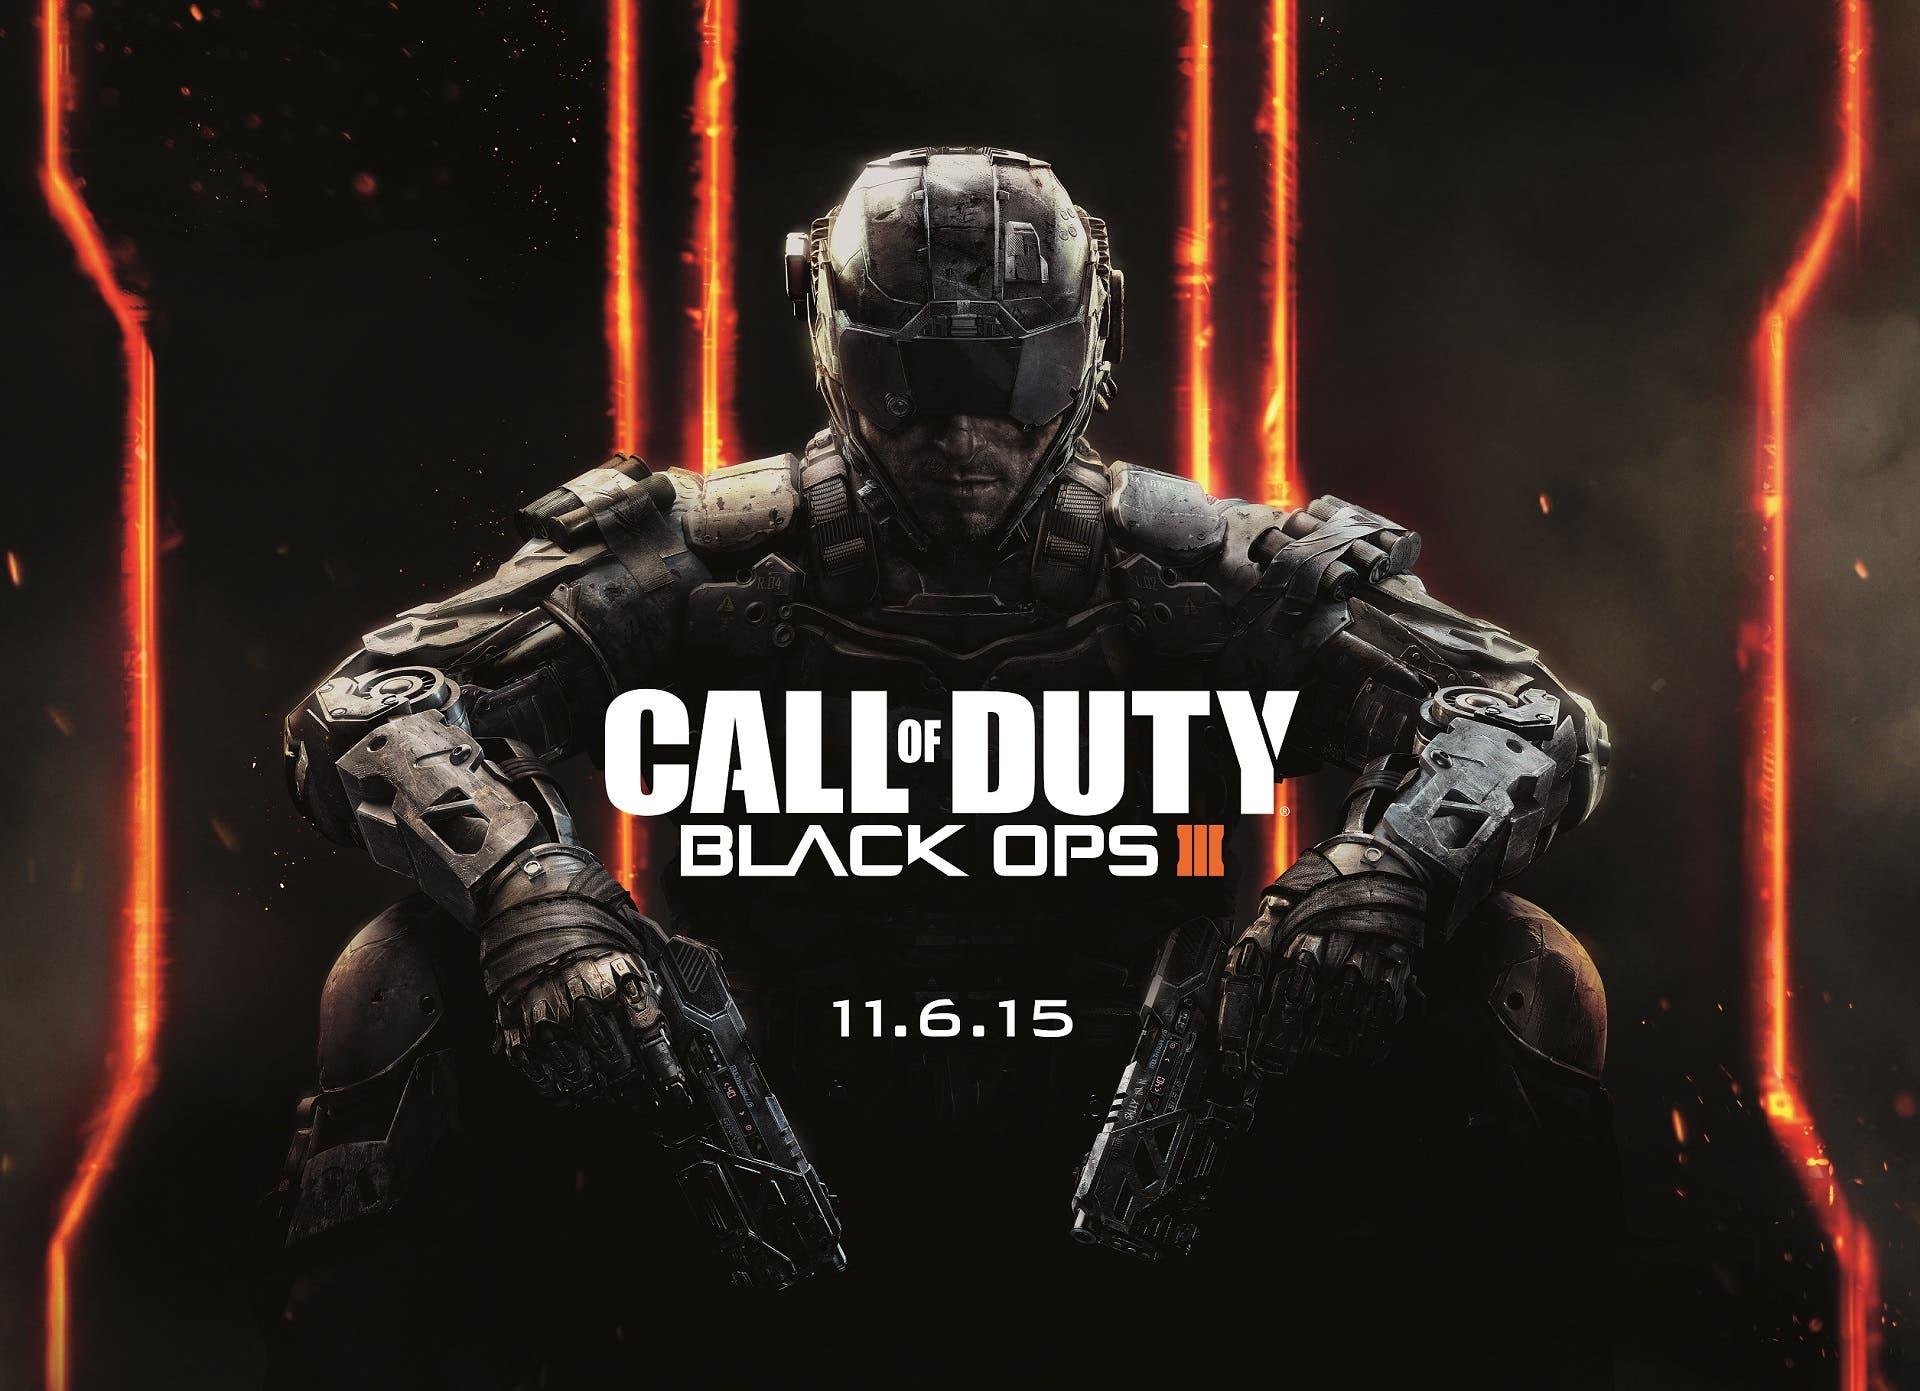 Call of Duty Black Ops III key